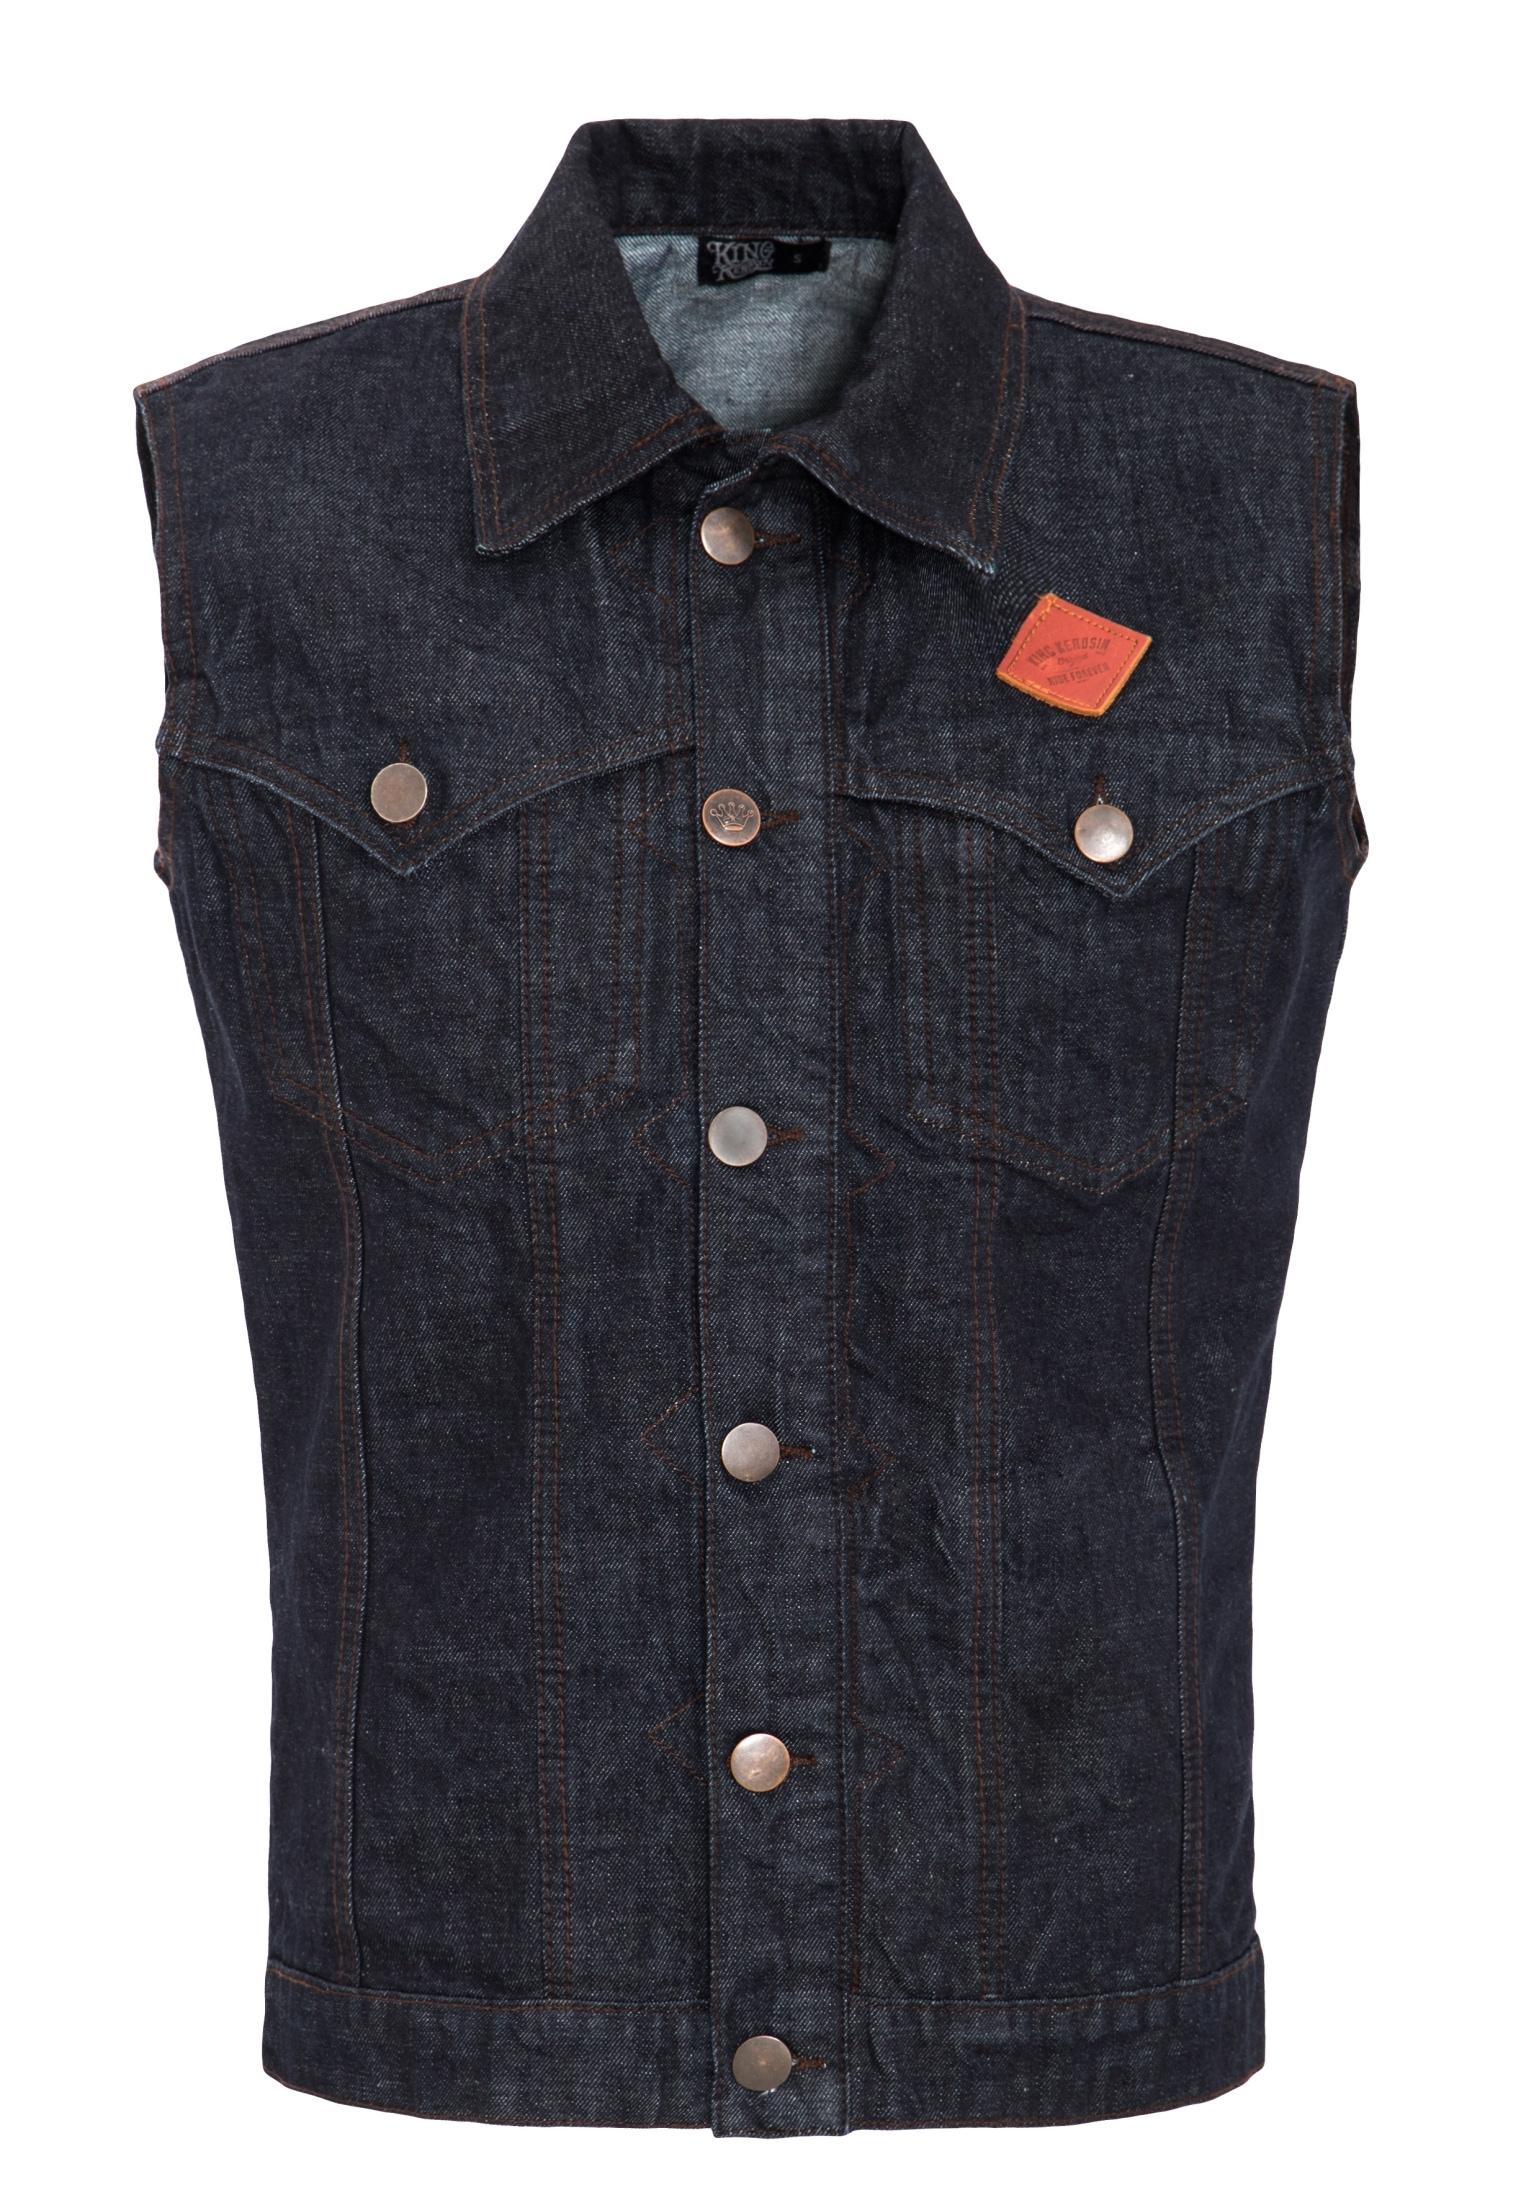 KingKerosin Jeansweste | Bekleidung > Westen > Jeanswesten | Kingkerosin